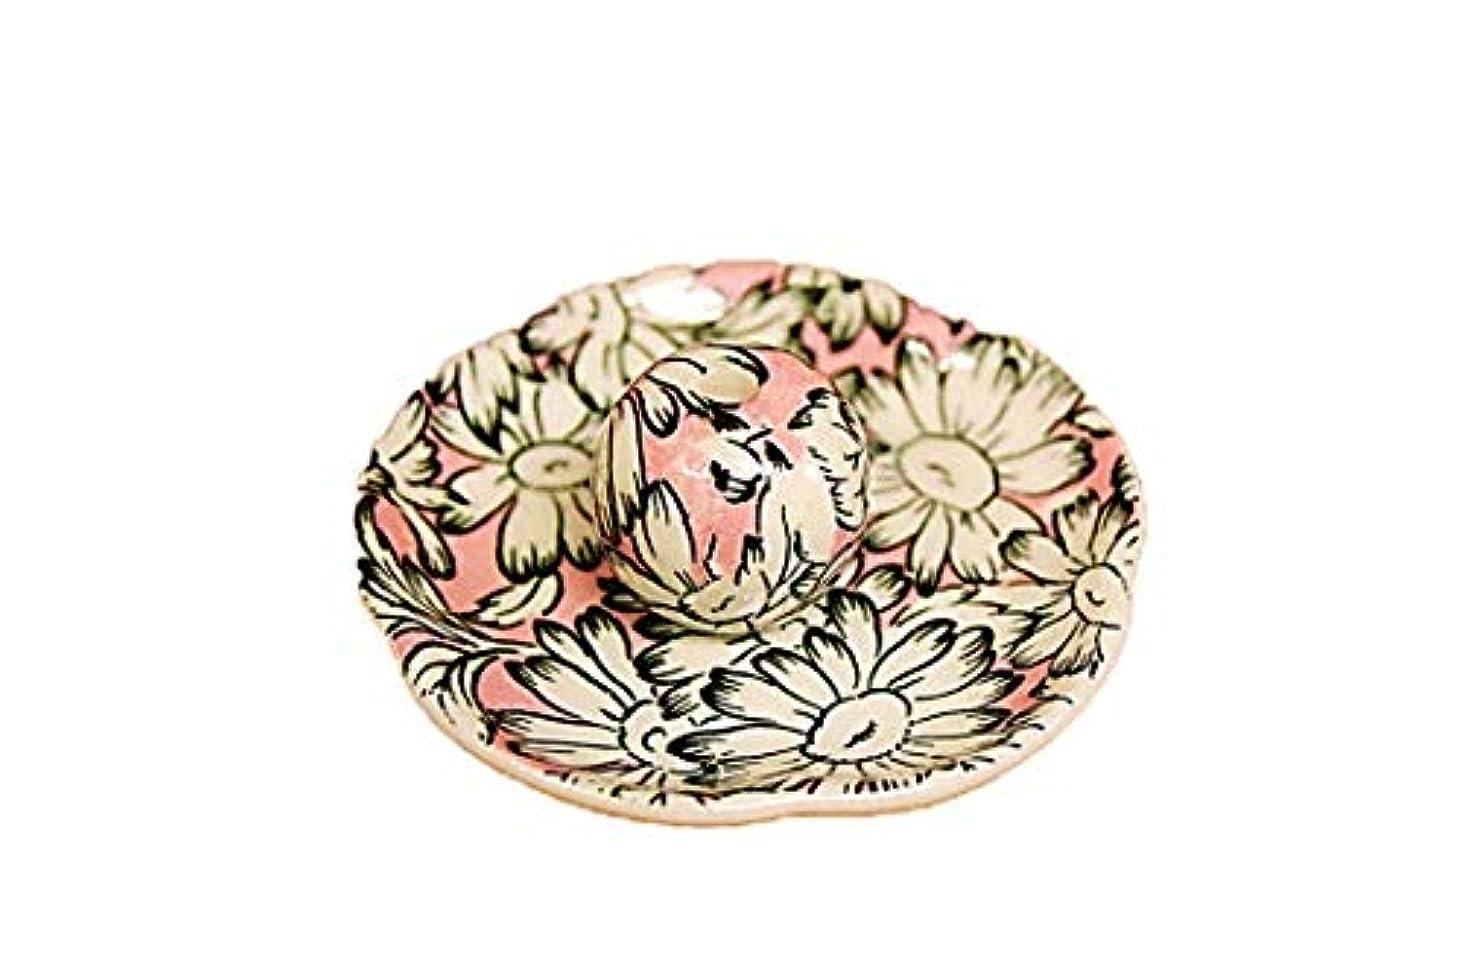 沿って出席する趣味マーガレットピンク 花形香皿 お香立て お香たて 日本製 ACSWEBSHOPオリジナル